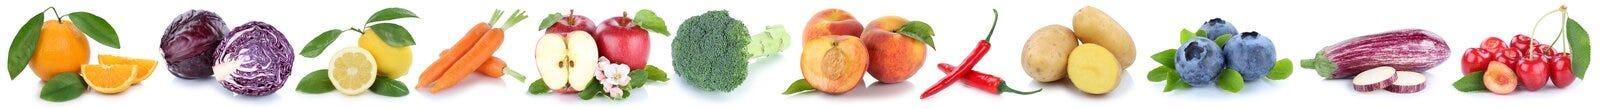 Resultado de imagen de ilera de verduras